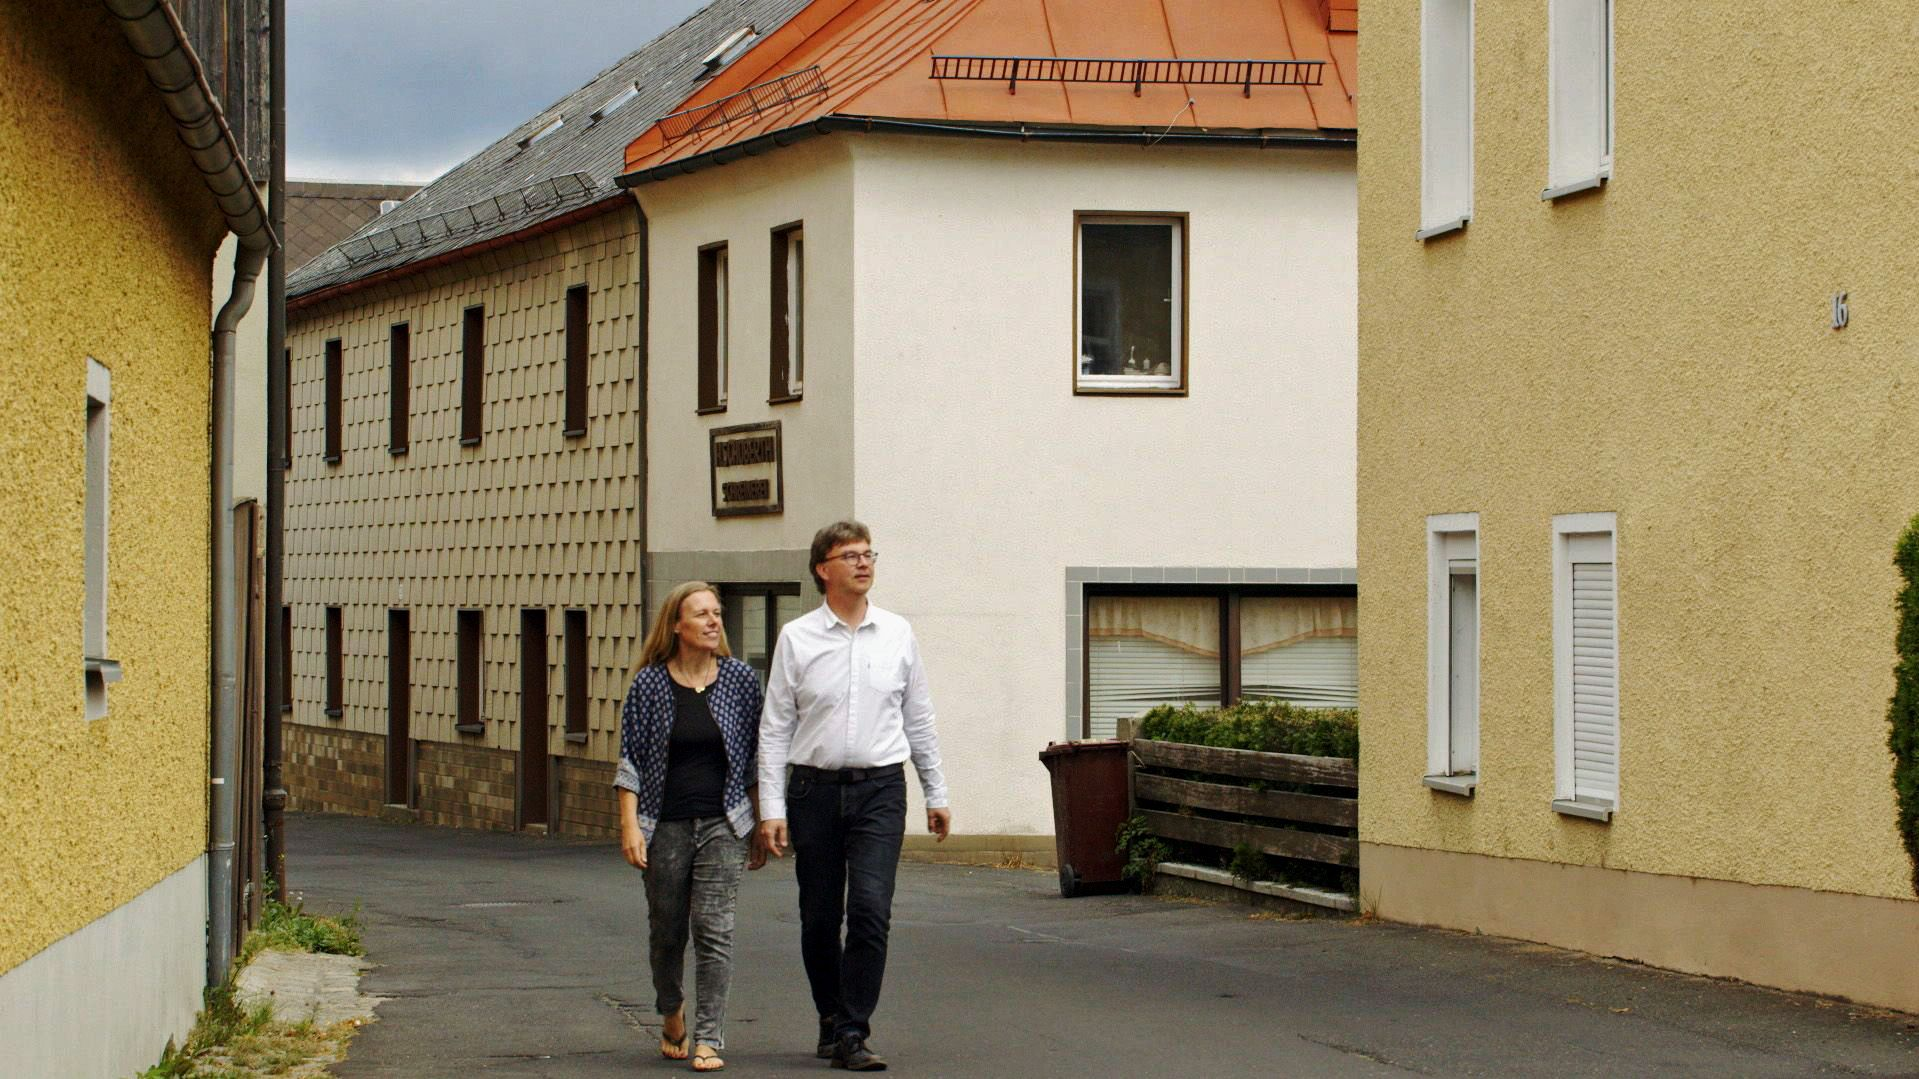 Ellen und Knut Meinel gehen durch Thierstein in Oberfranken